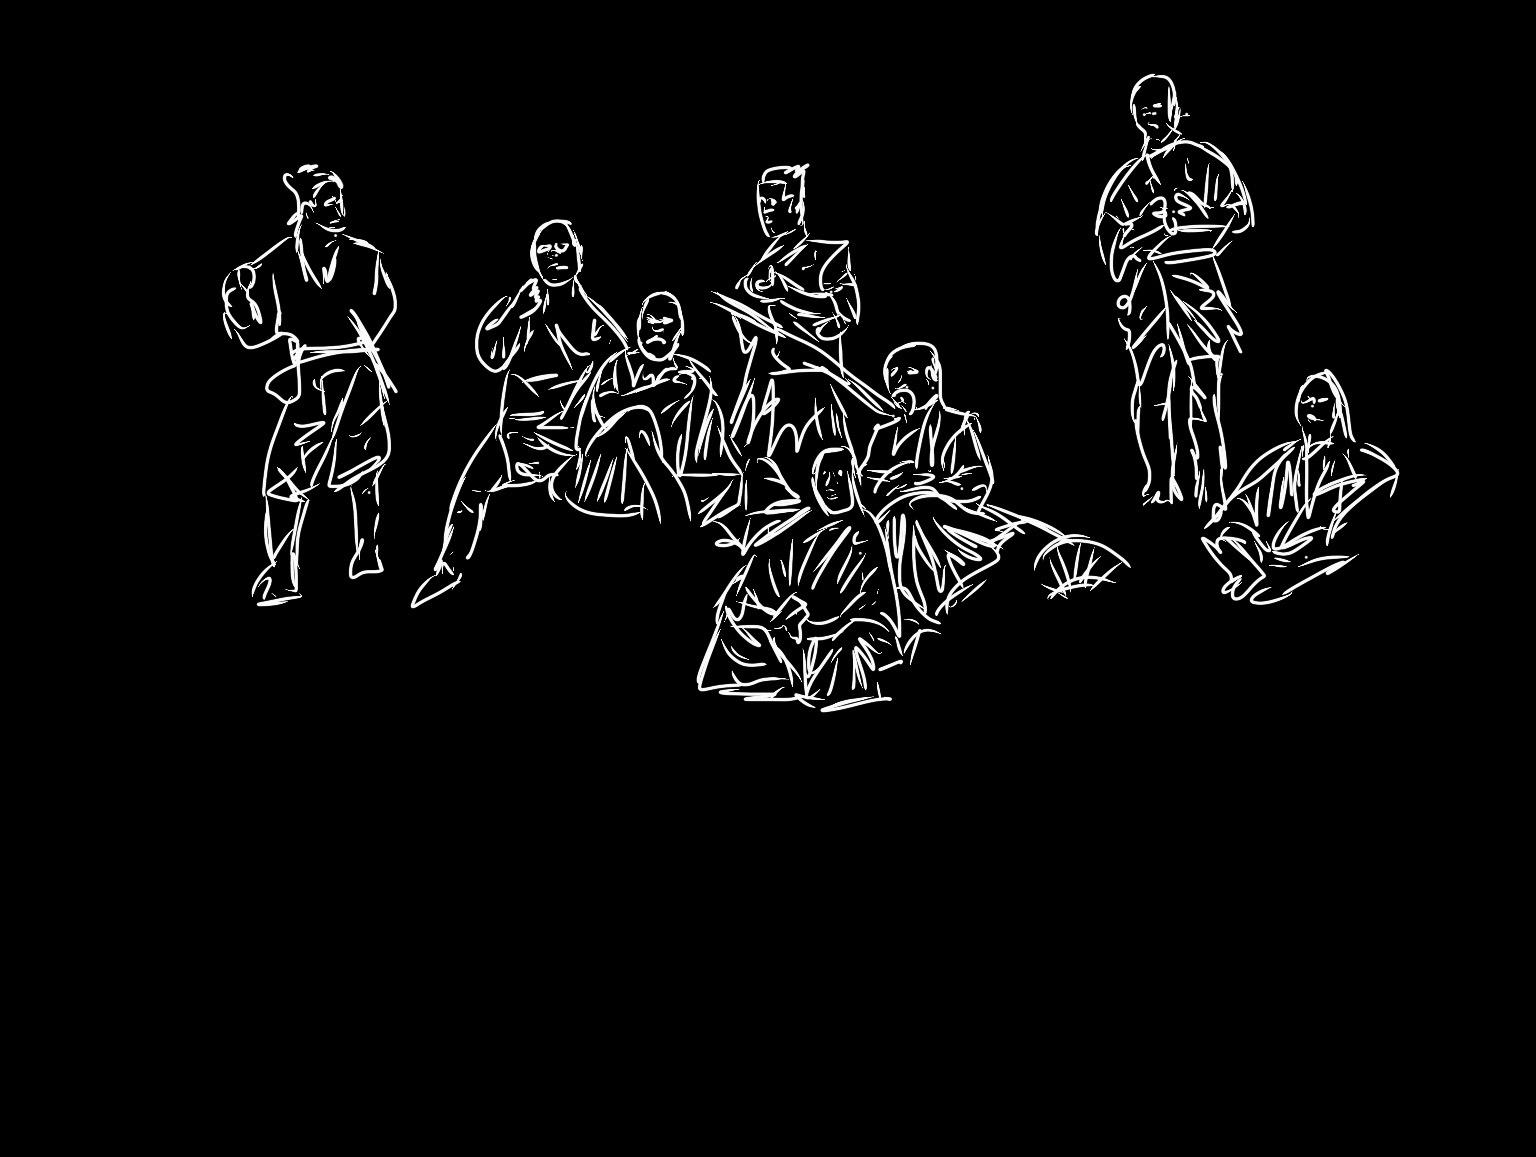 KUROSAWA x ERIC KIM / Seven Samurai